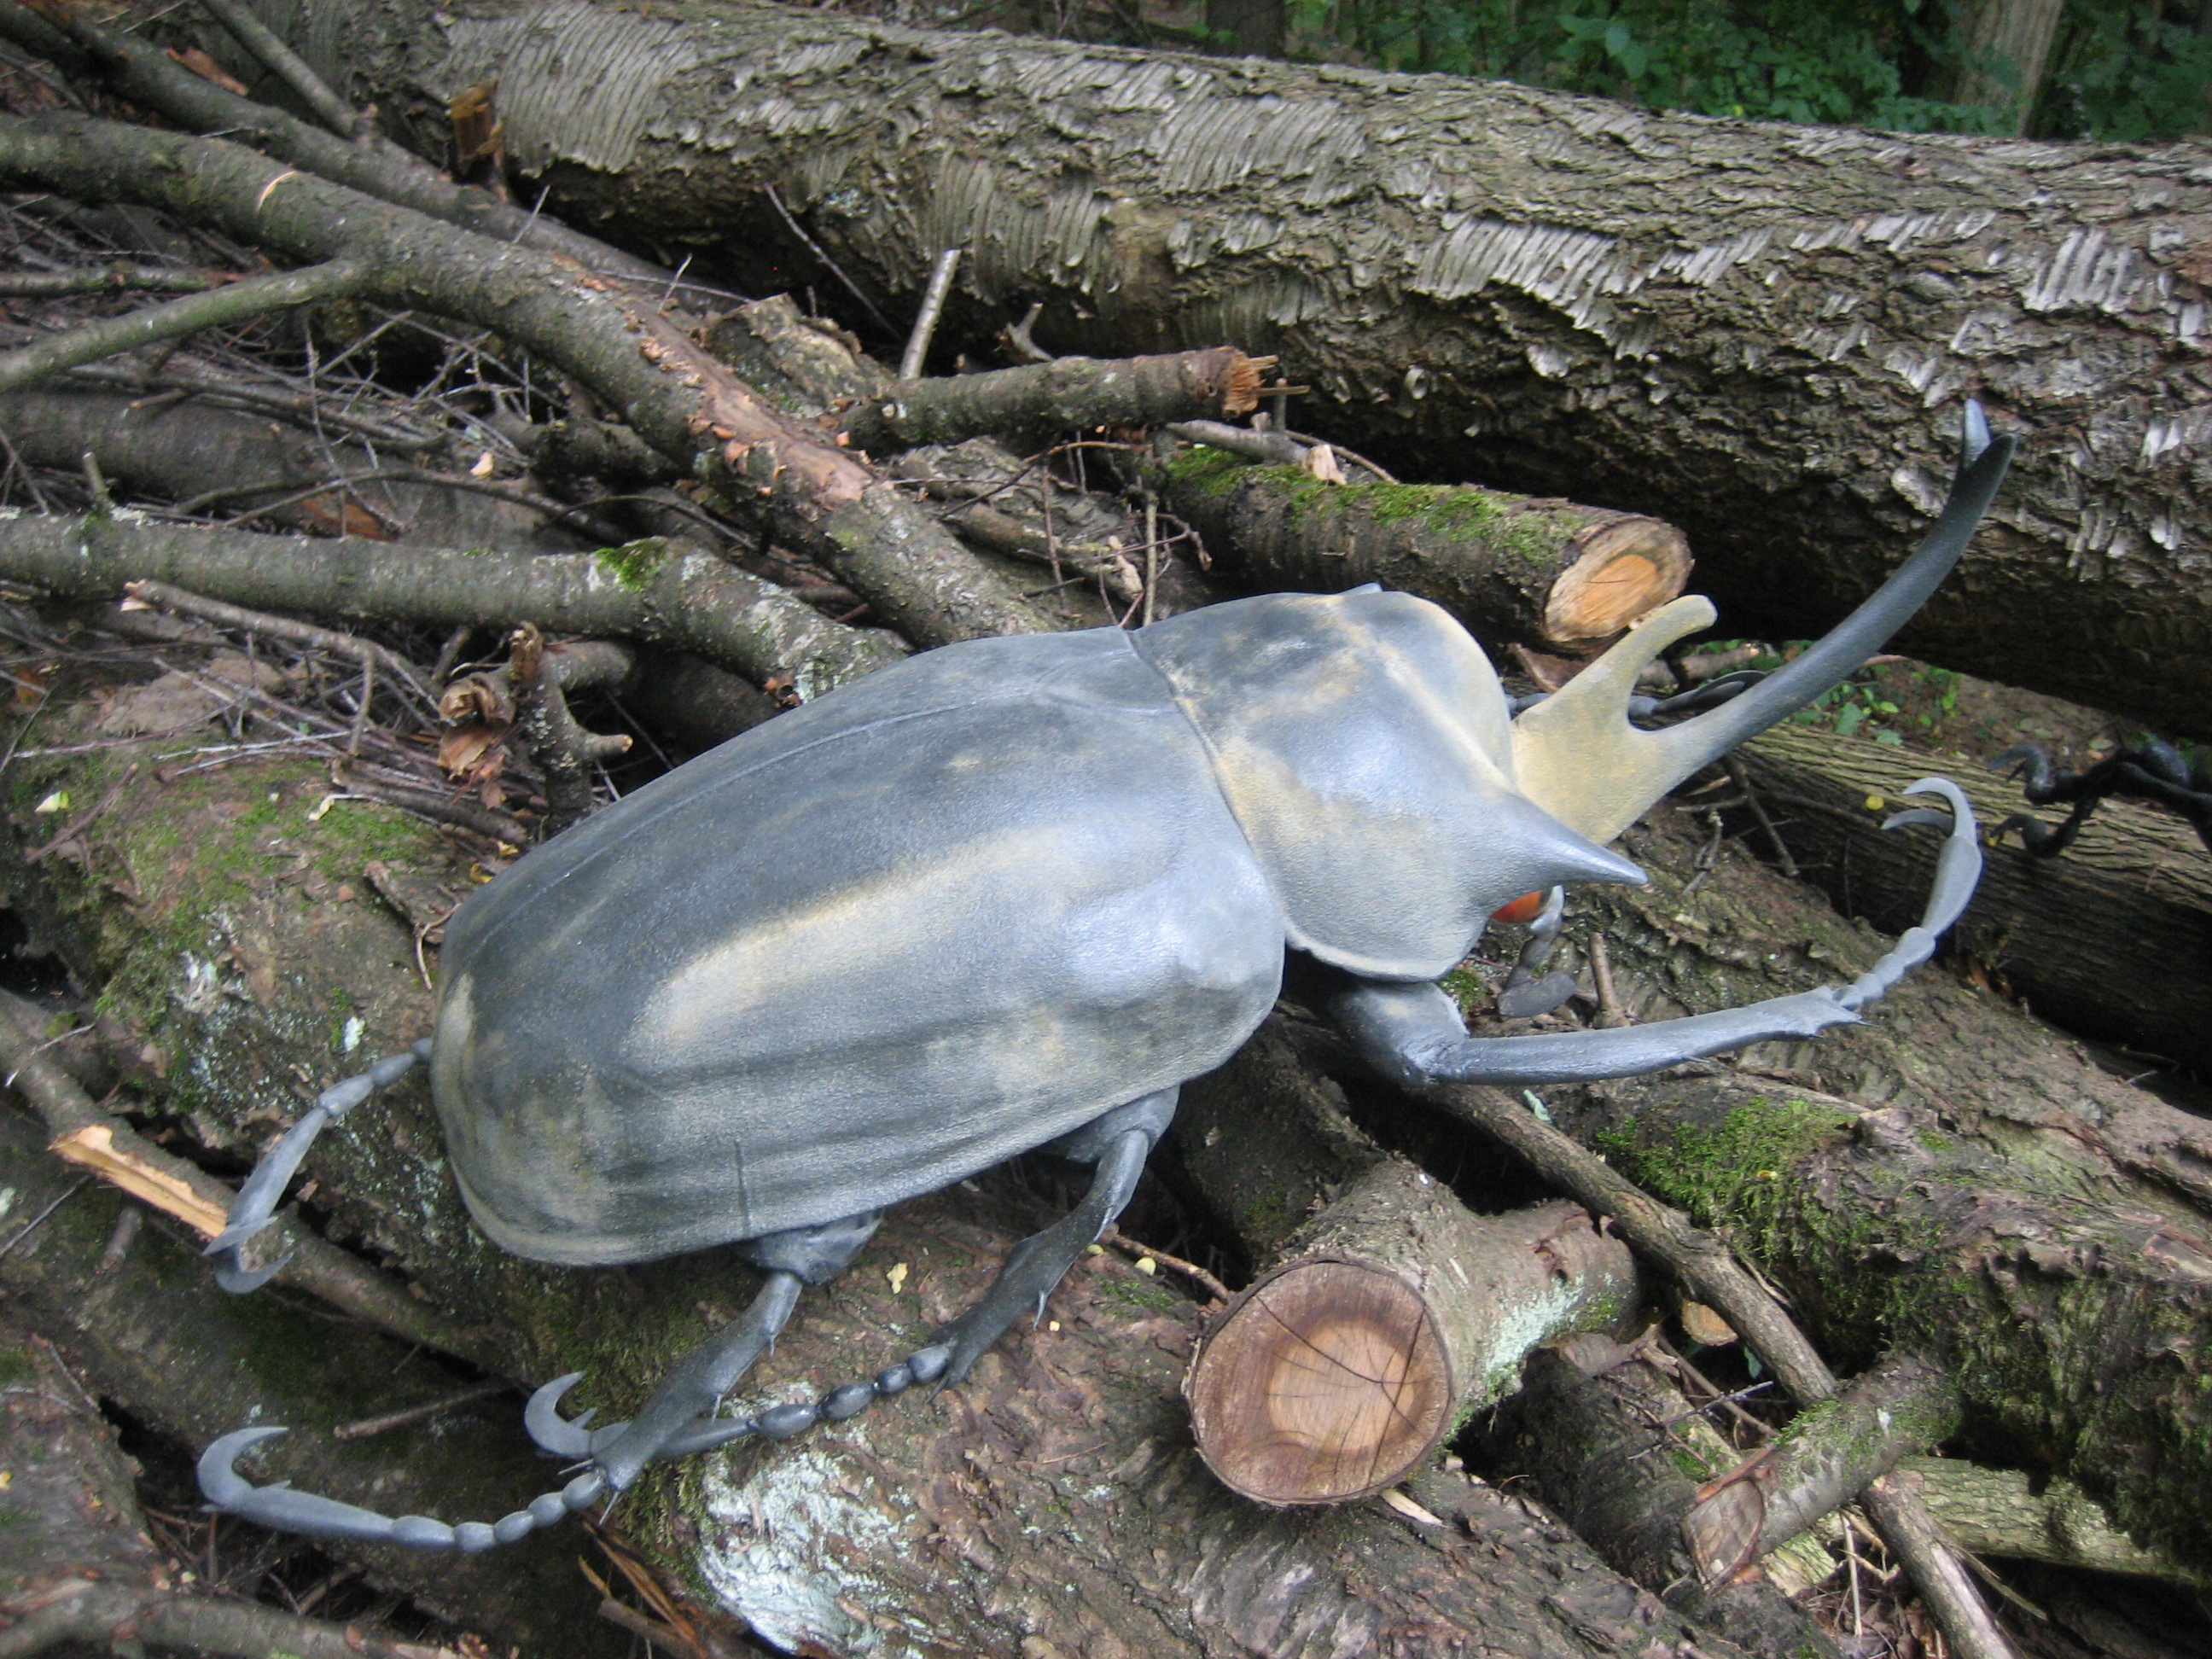 IMG_2407.JPG schw. Käfer auf Baumstümpfen